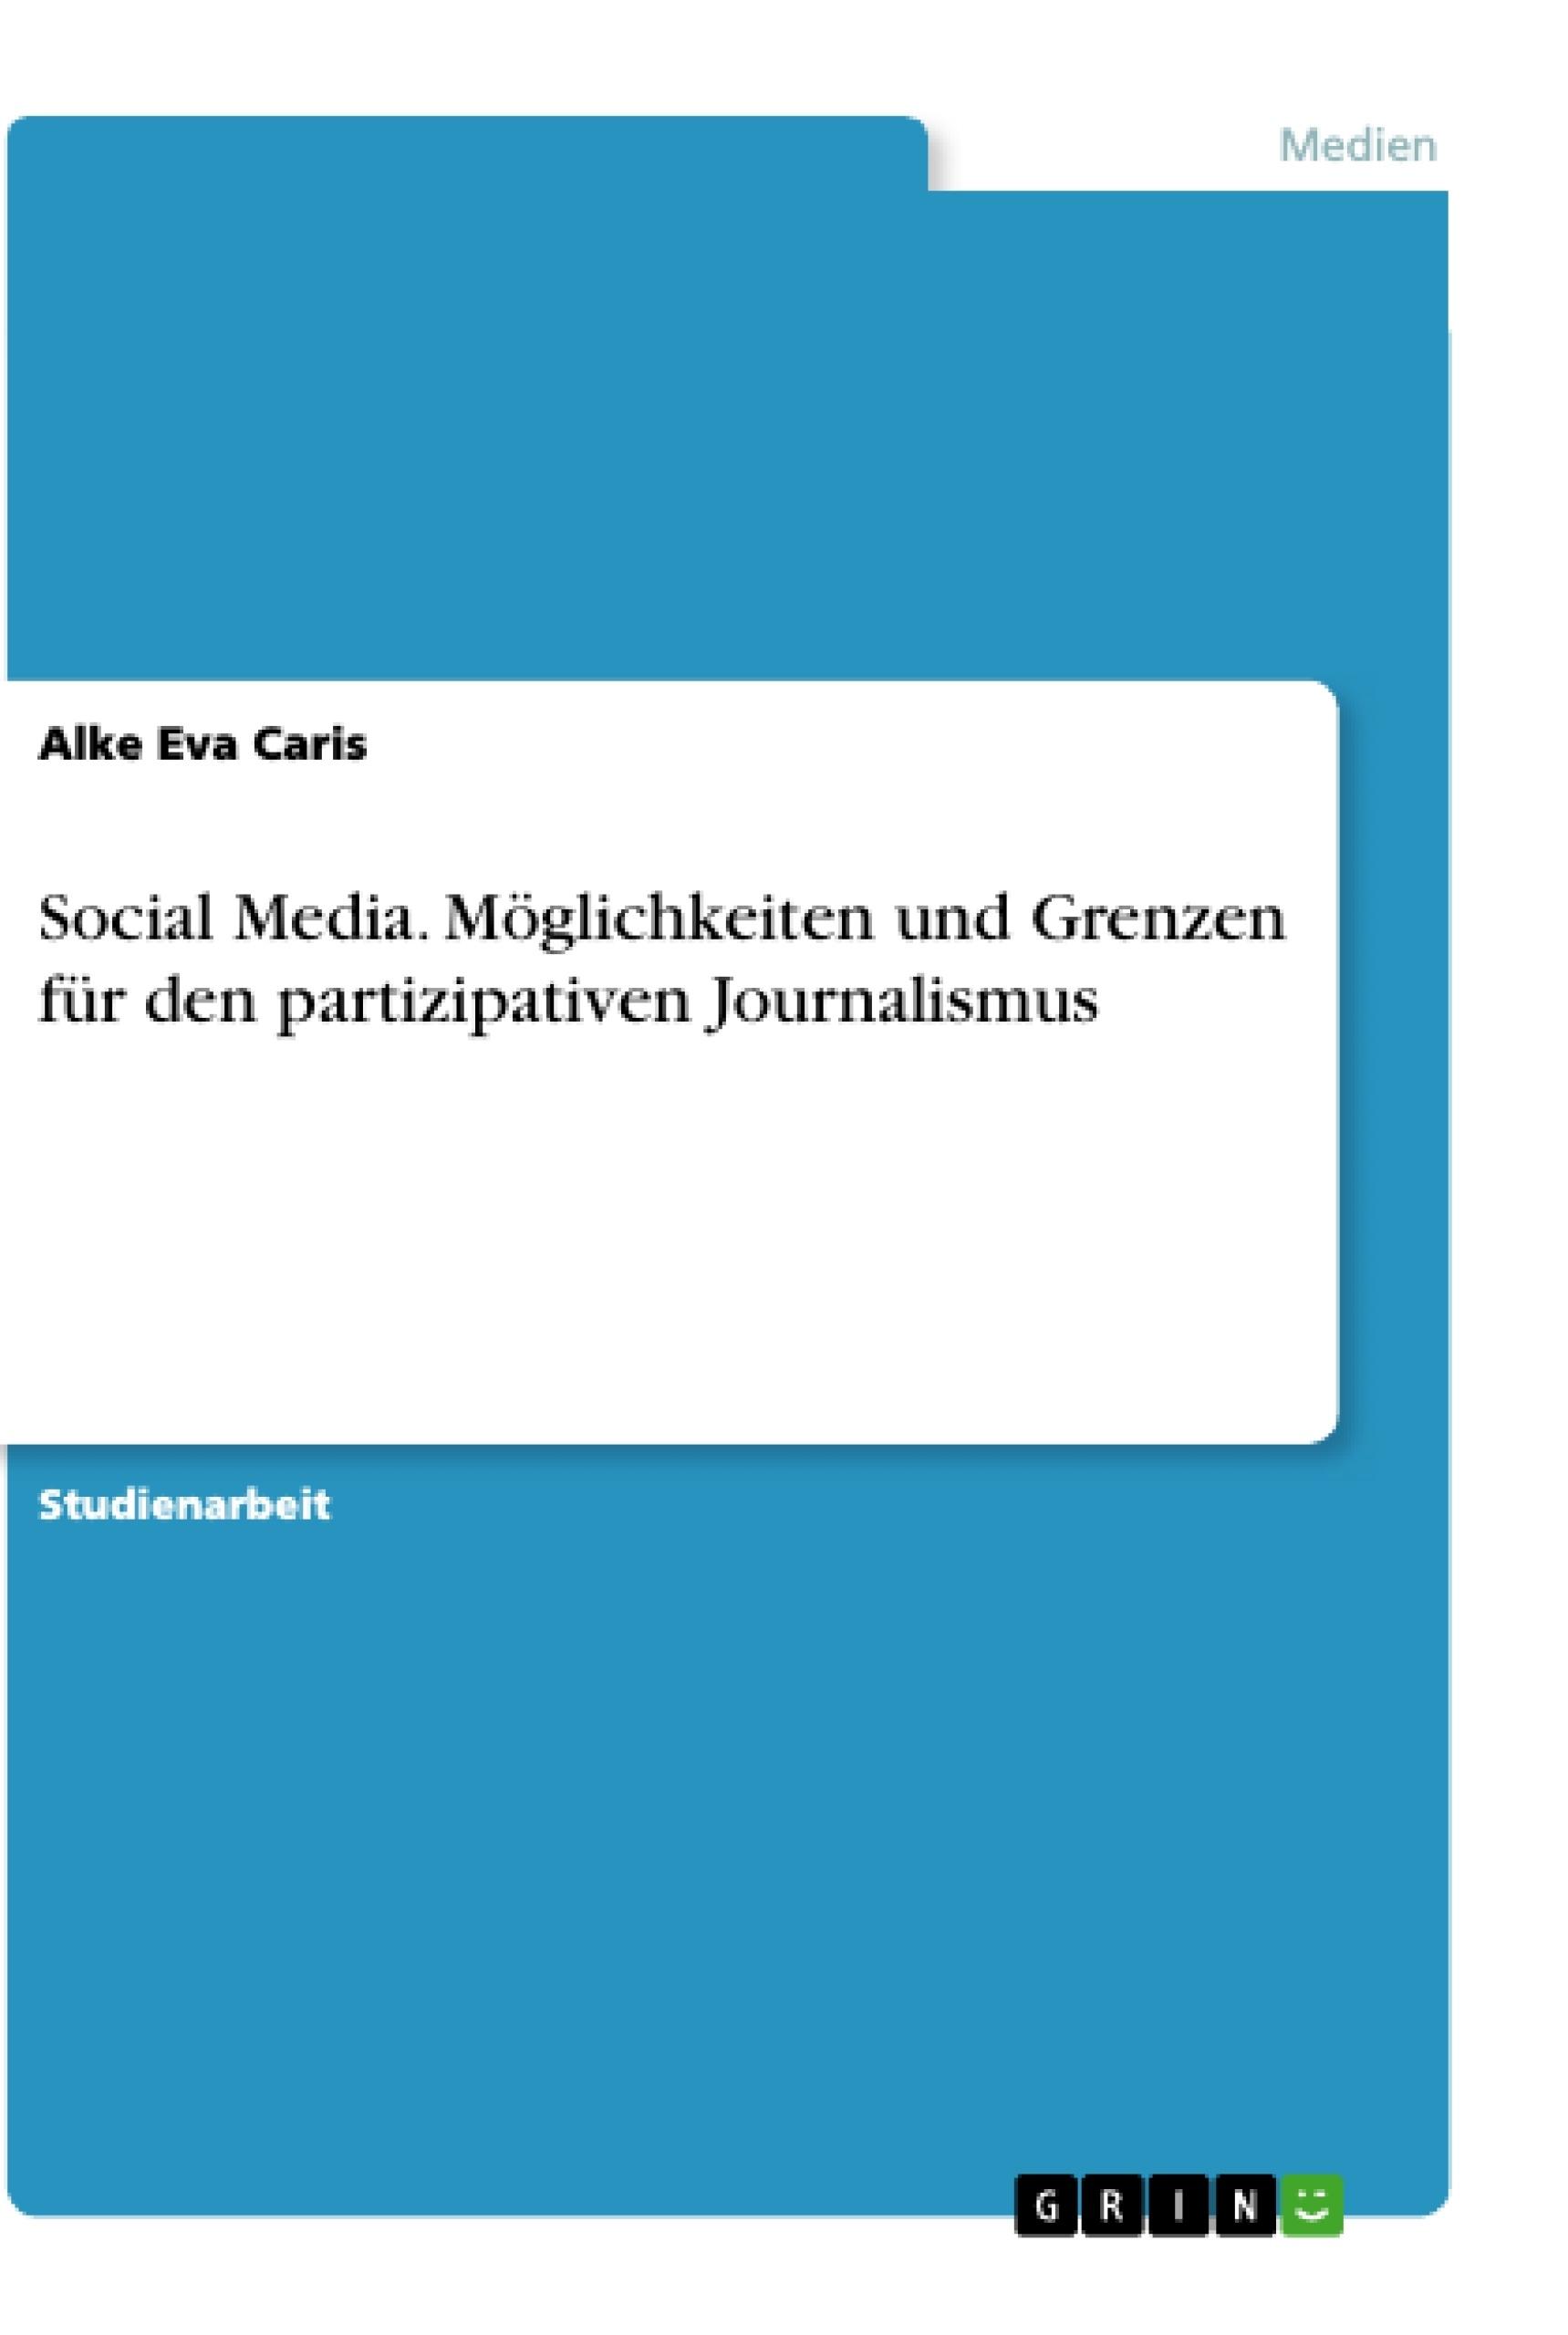 Titel: Social Media. Möglichkeiten und Grenzen für den partizipativen Journalismus